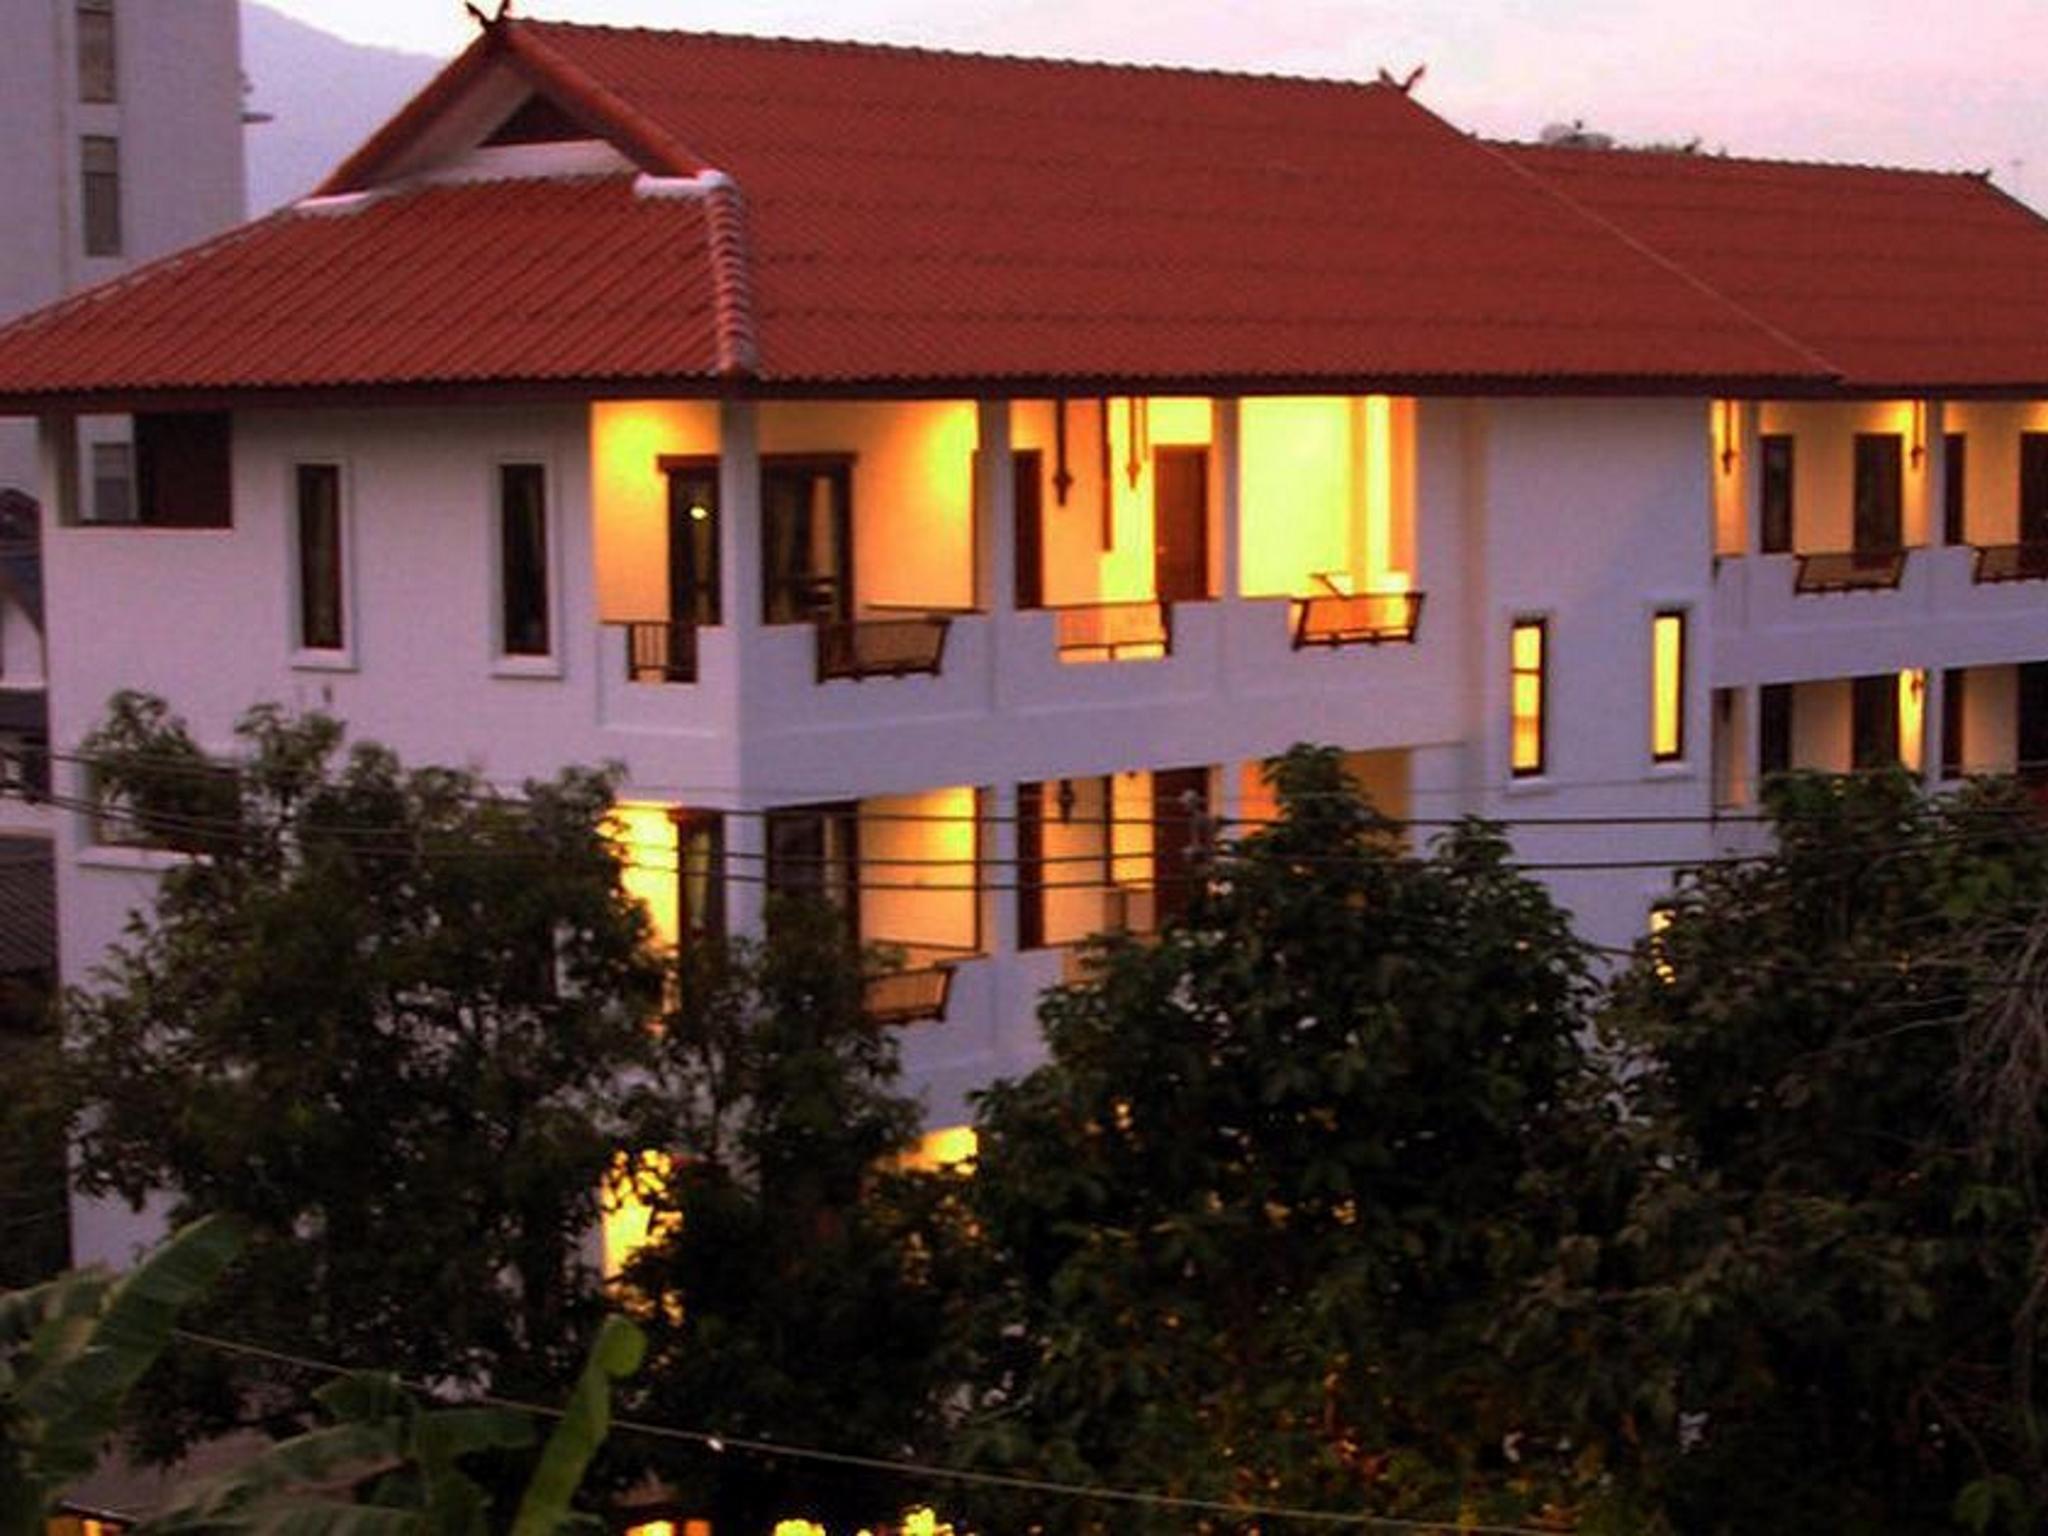 รีวิวใน Pantip ยินดี สไตล์ลิส เกสต์เฮาส์ (Yindee Stylish Guesthouse) ส่วนลด